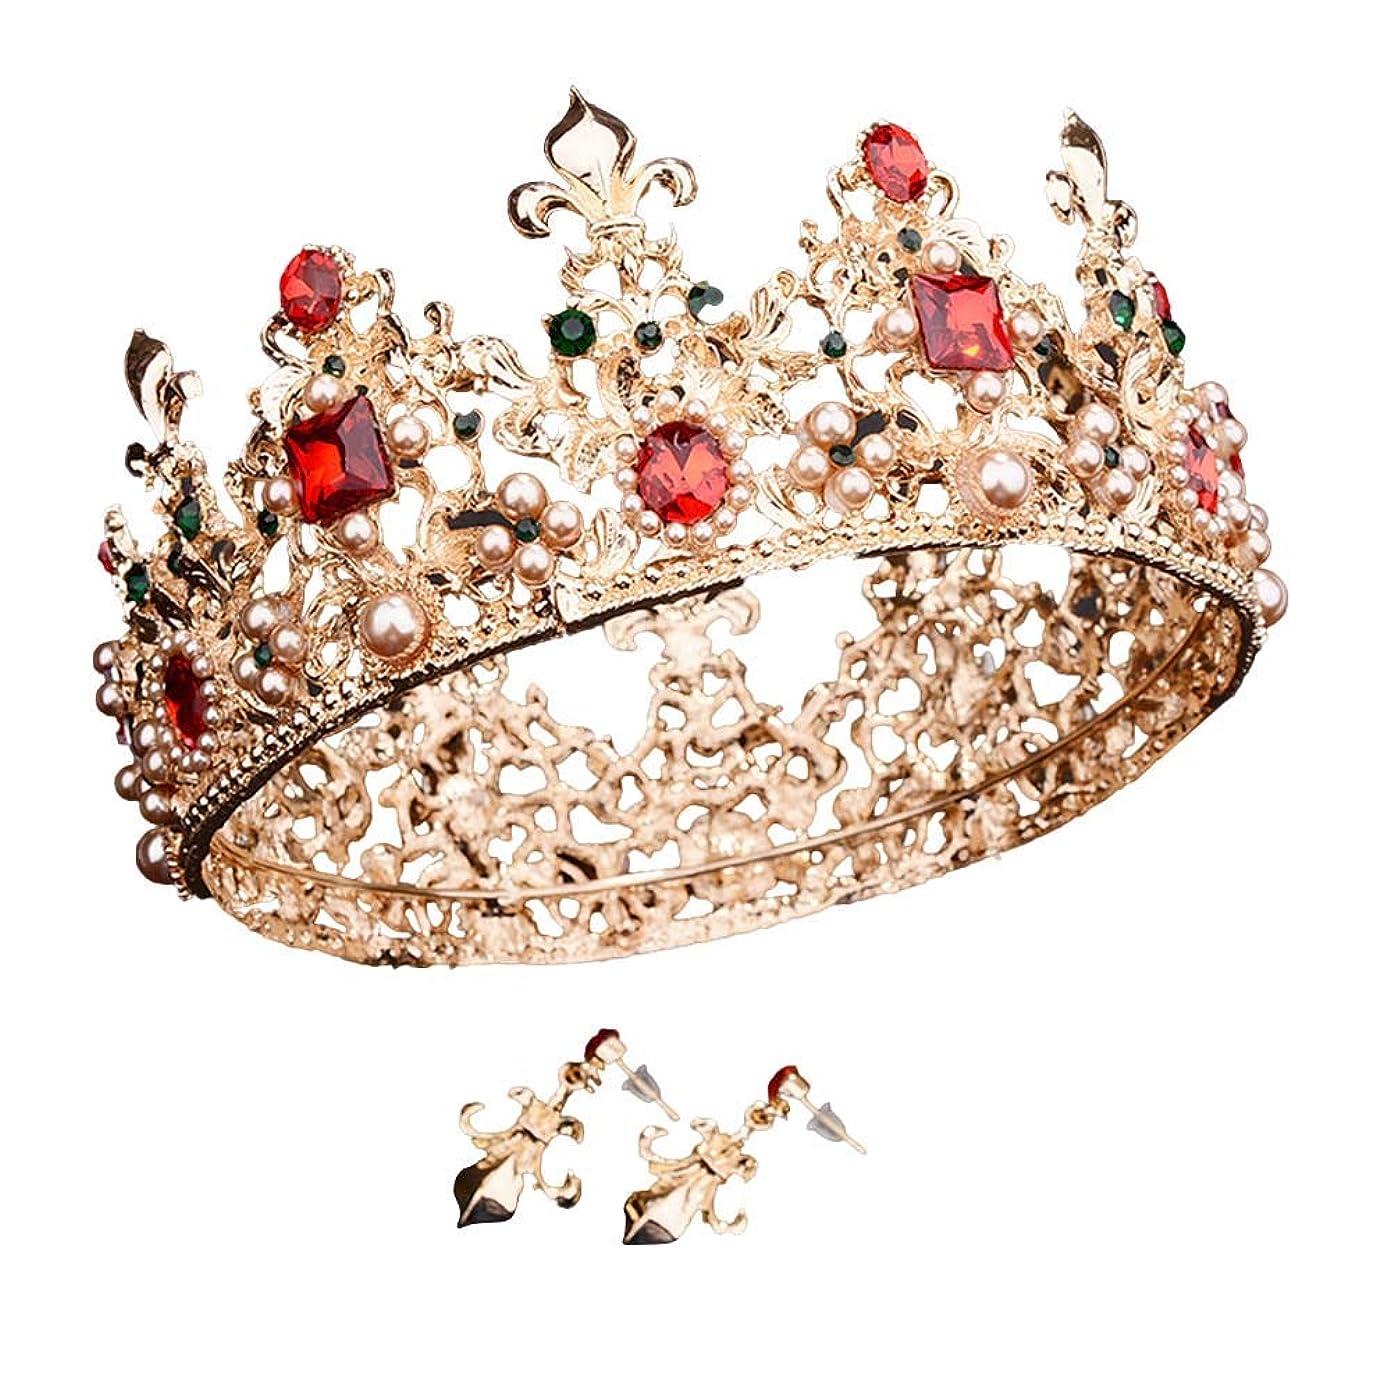 膨らみ費用摂動Beaupretty 女性のためのバロック女王クラウンラインストーンの結婚式の冠とティアライヤリング付きヘアアクセサリー結婚式のかぶと